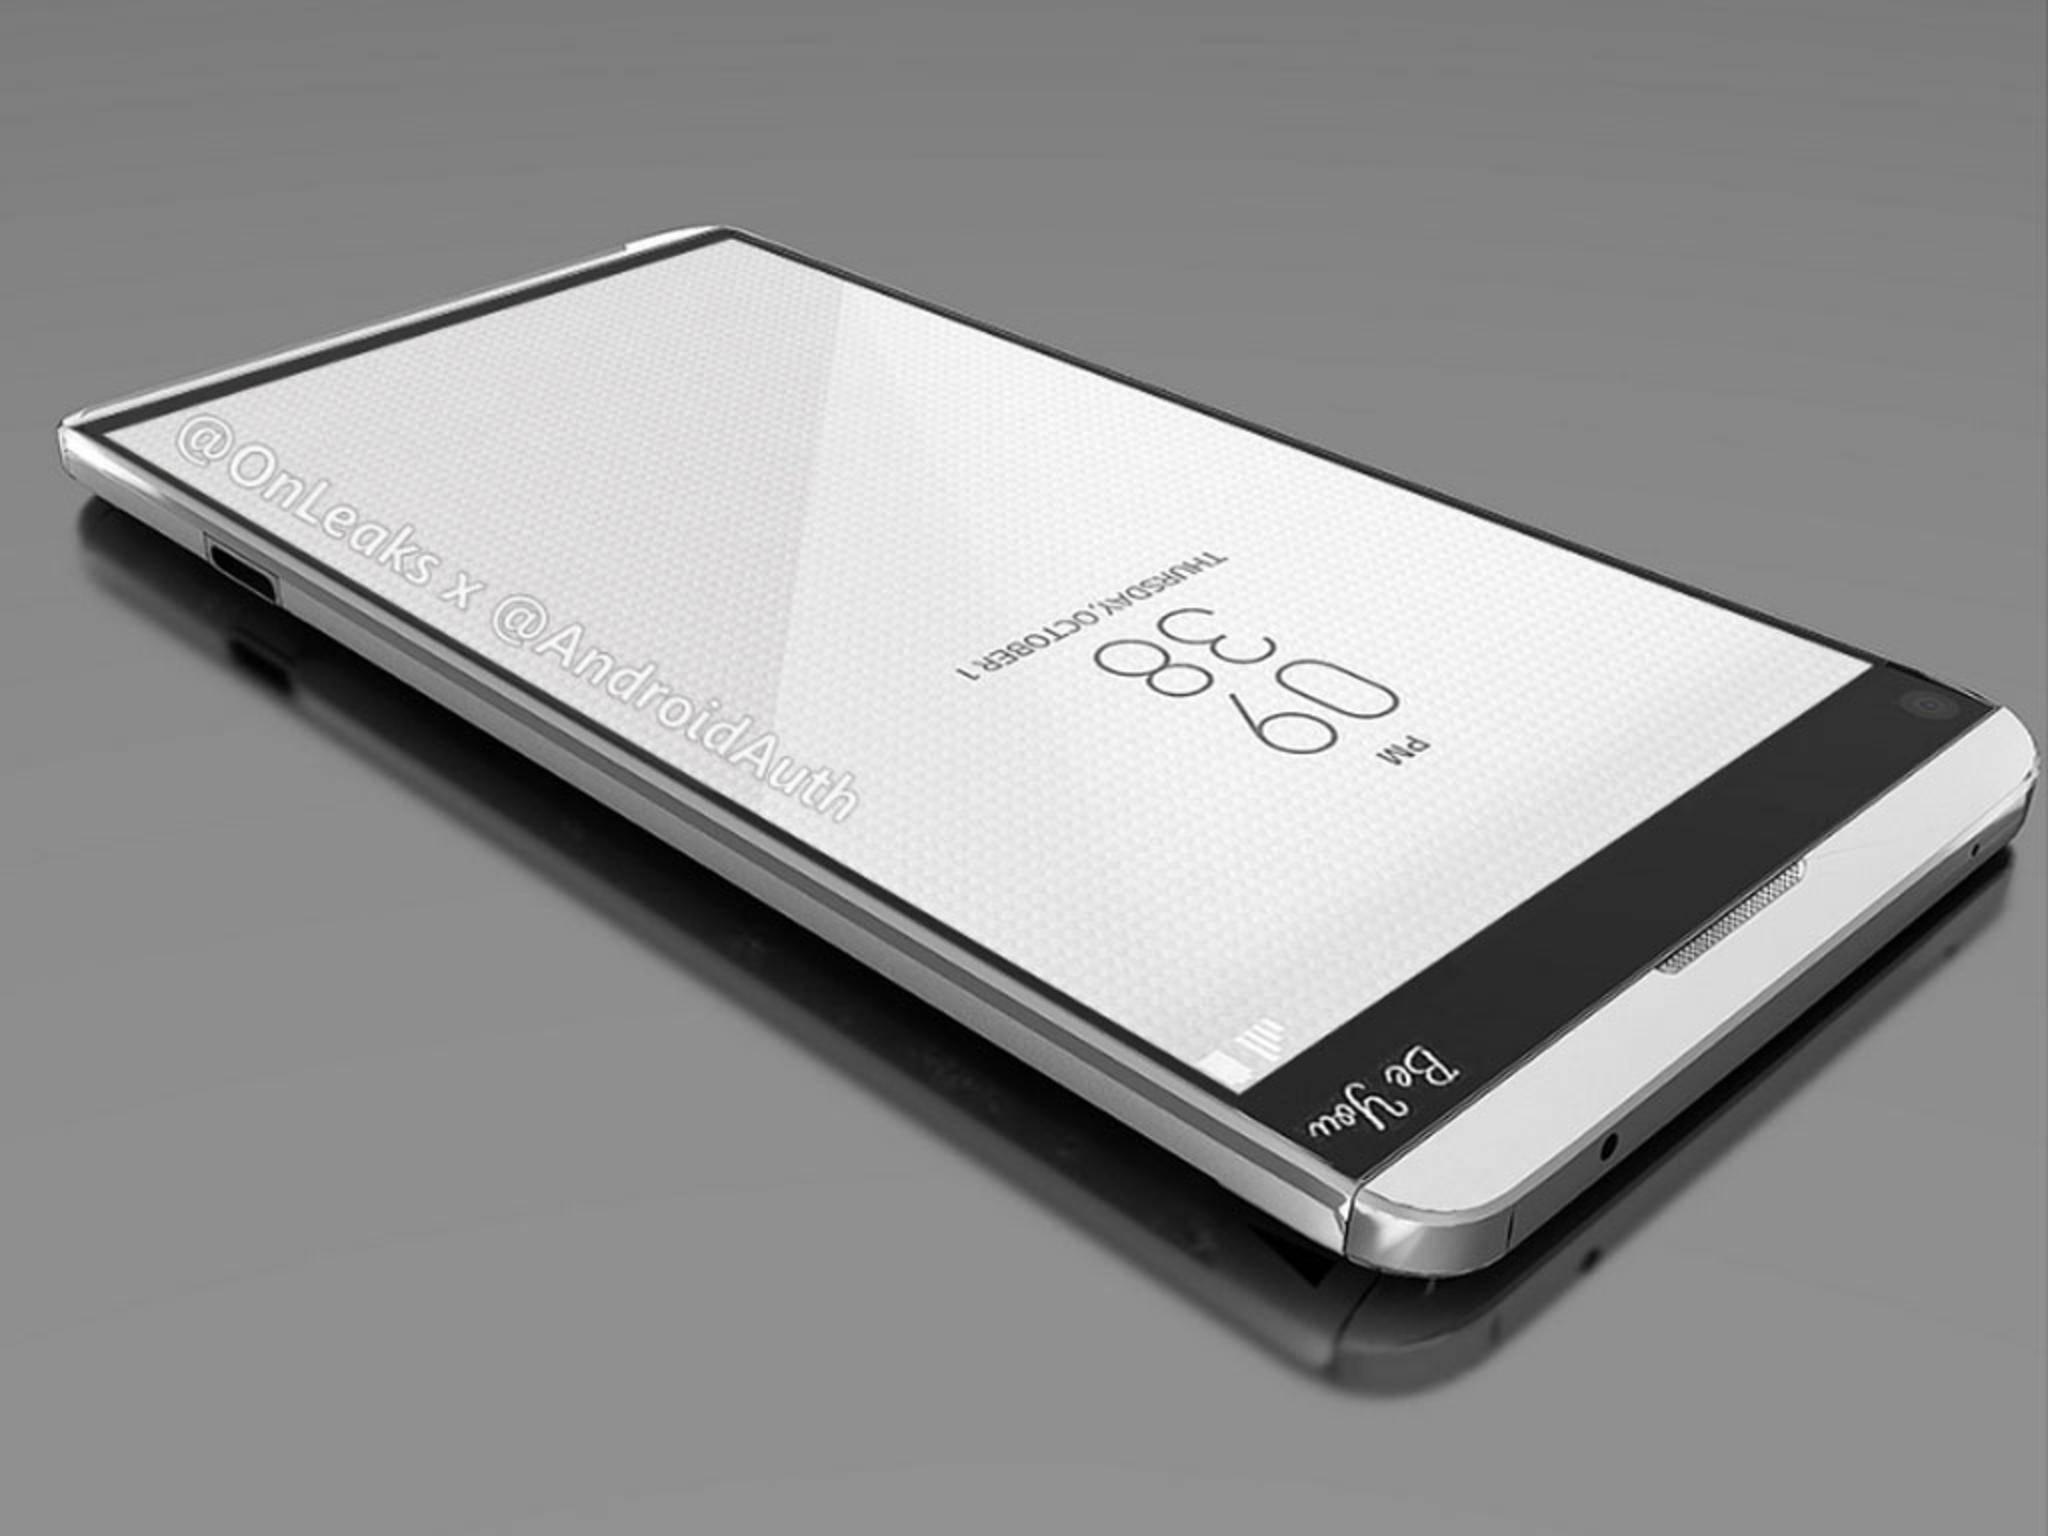 Knapp vier Wochen vor der Vorstellung gibt es erste Render-Bilder vom LG V20.